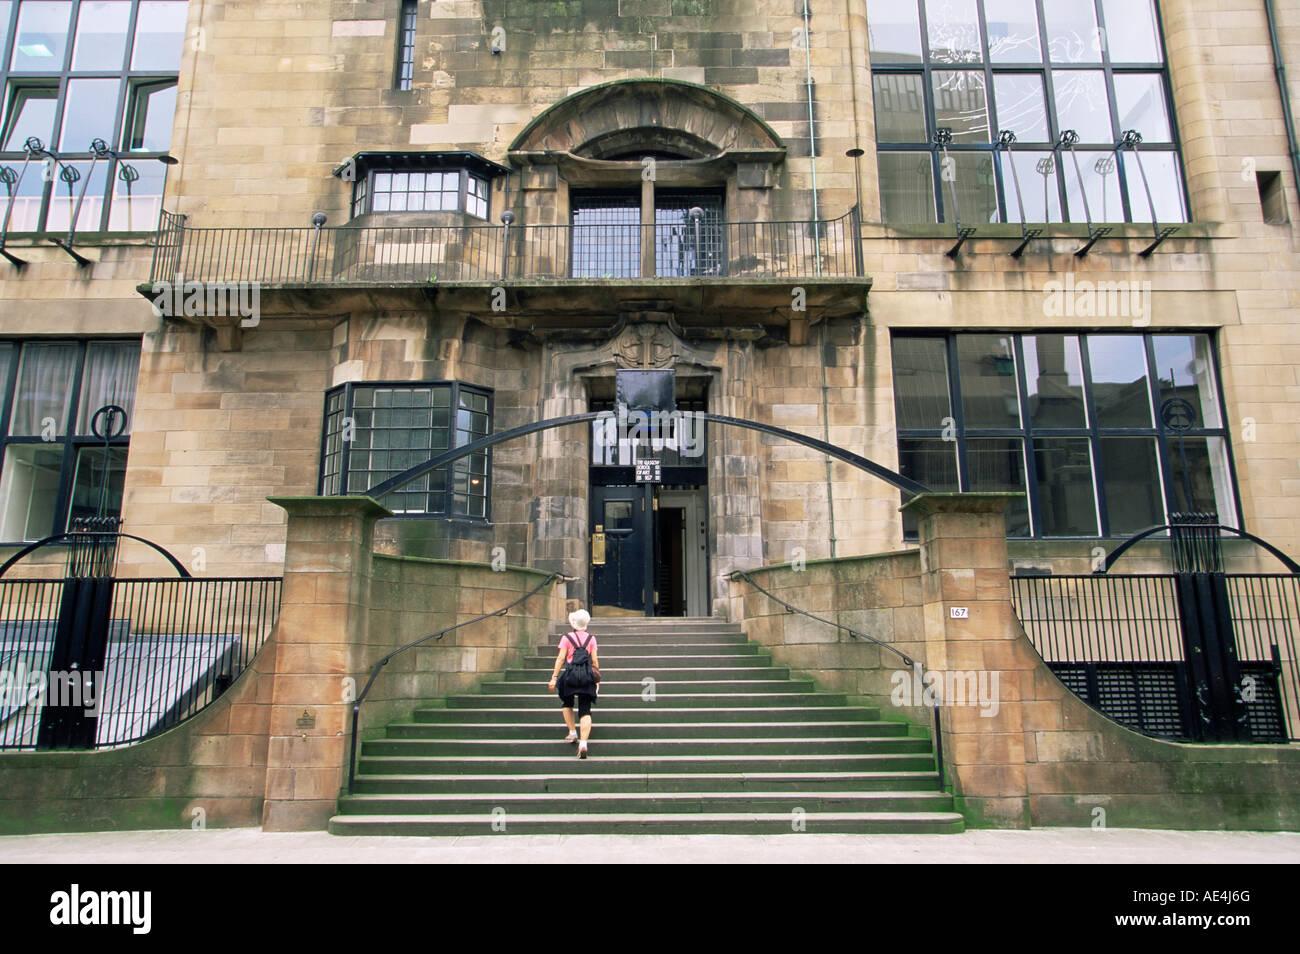 glasgow school of art, designedthe architect charles rennie